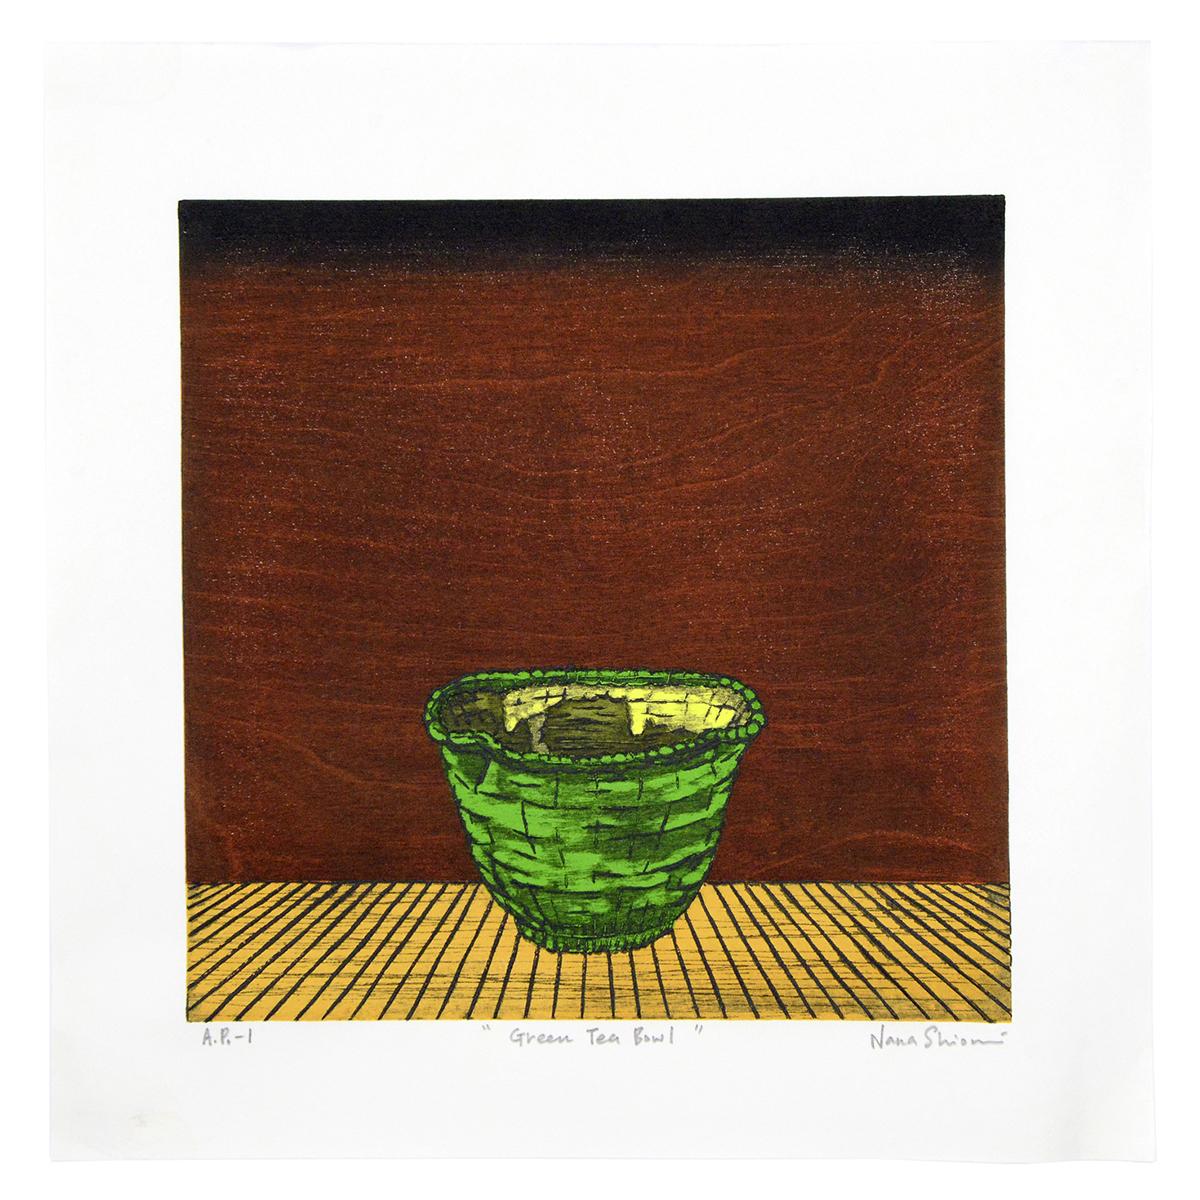 Green Tea Bowl print by Nana Shiomi